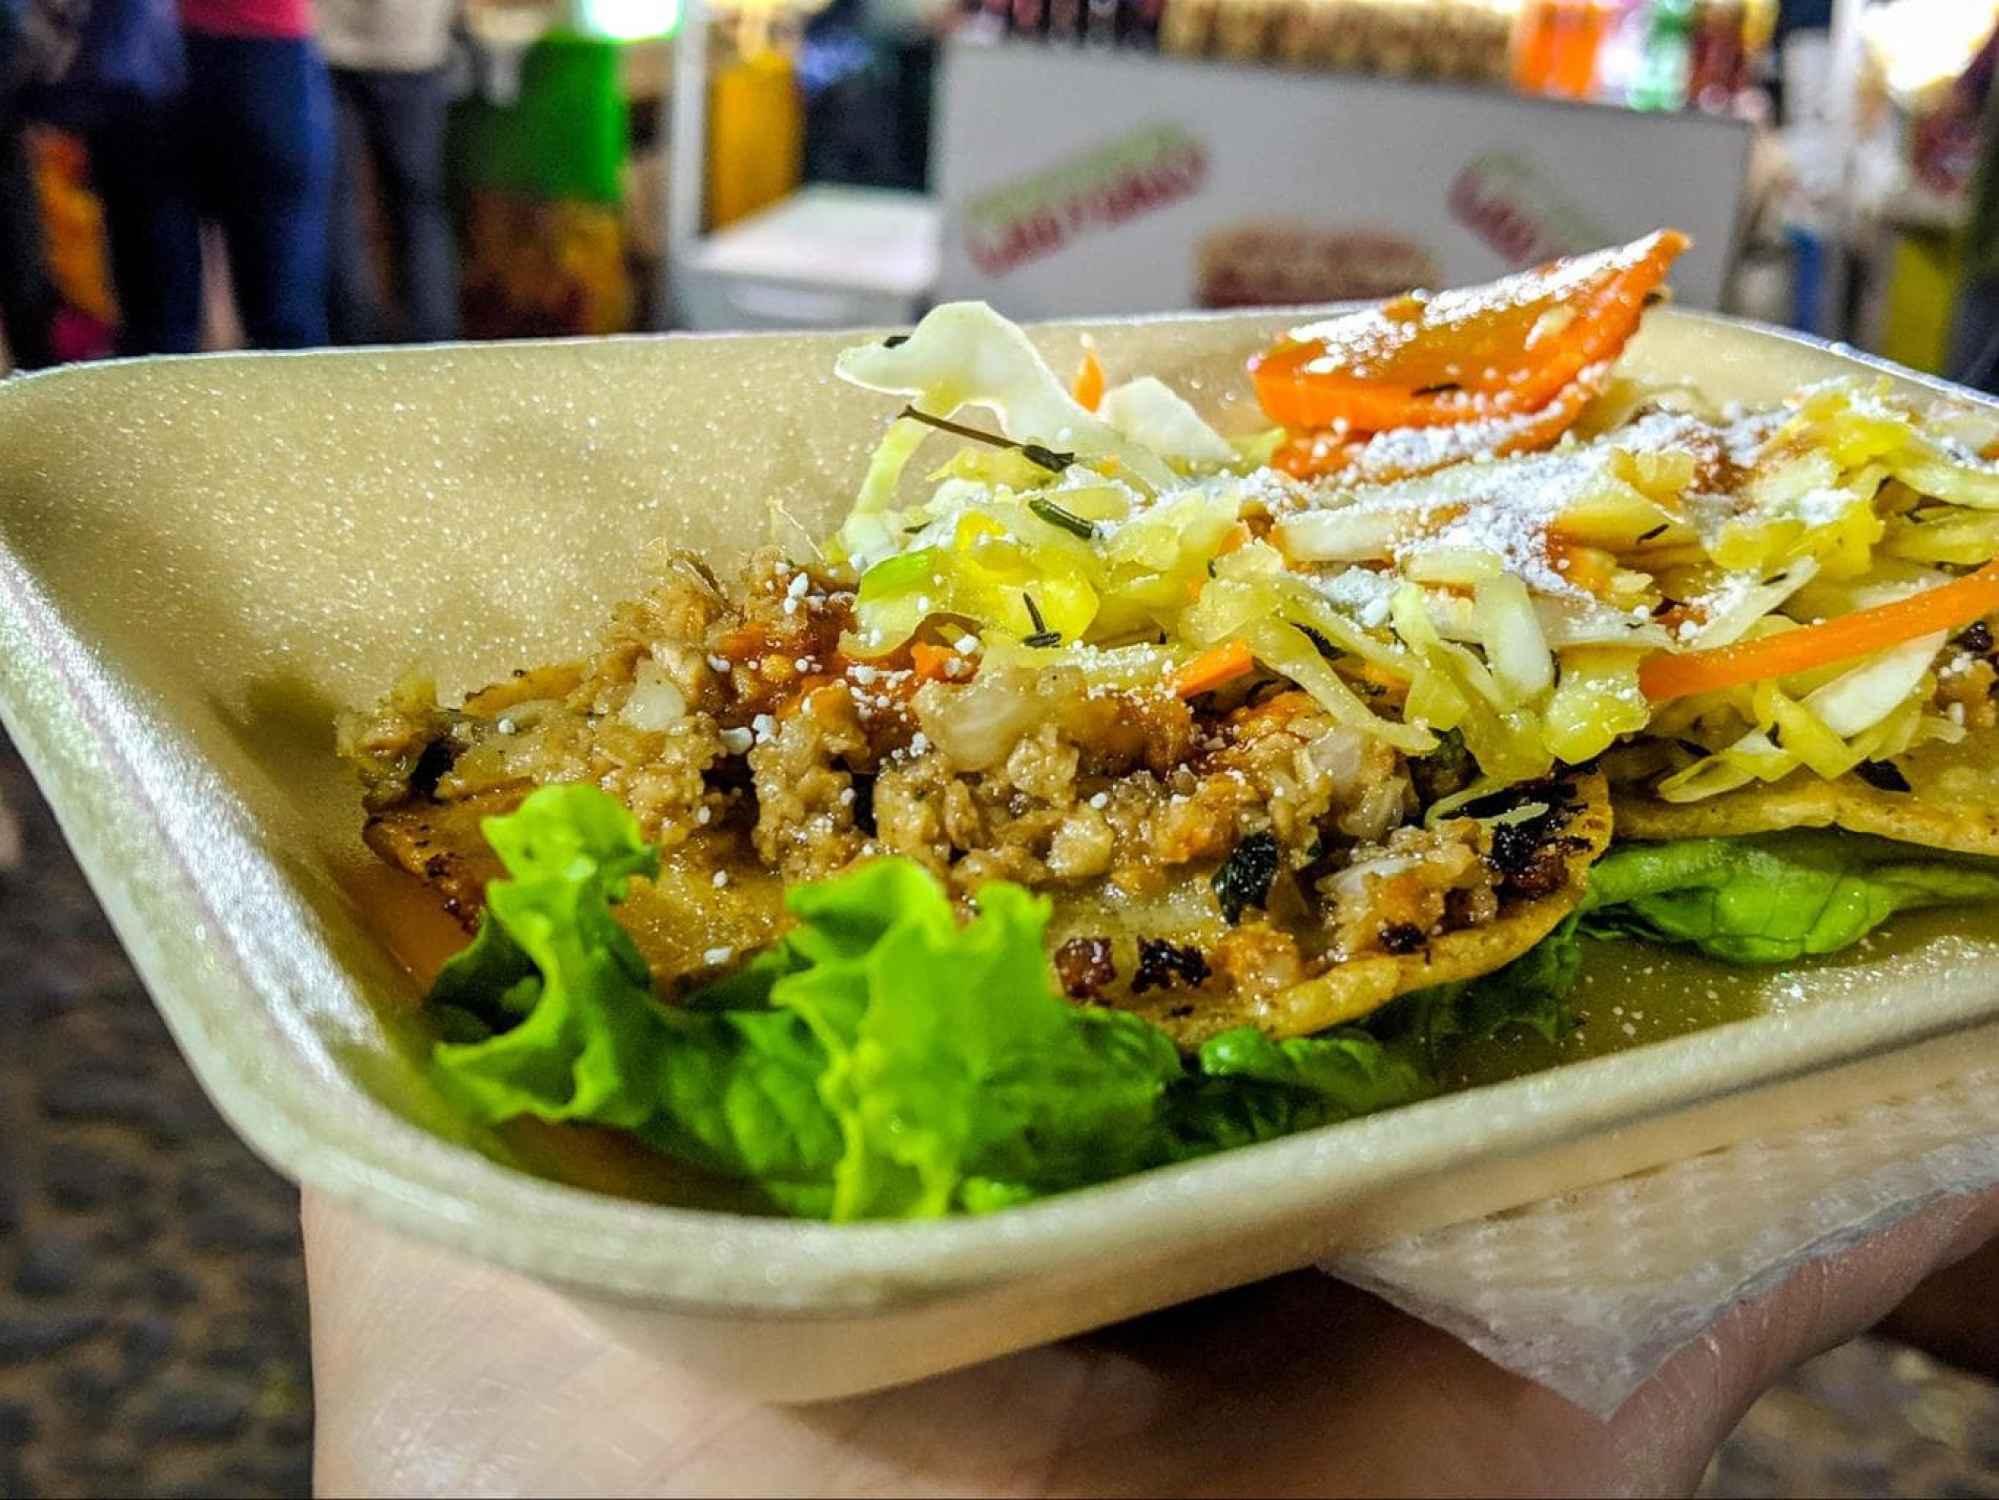 Enchiladas or Tostadas